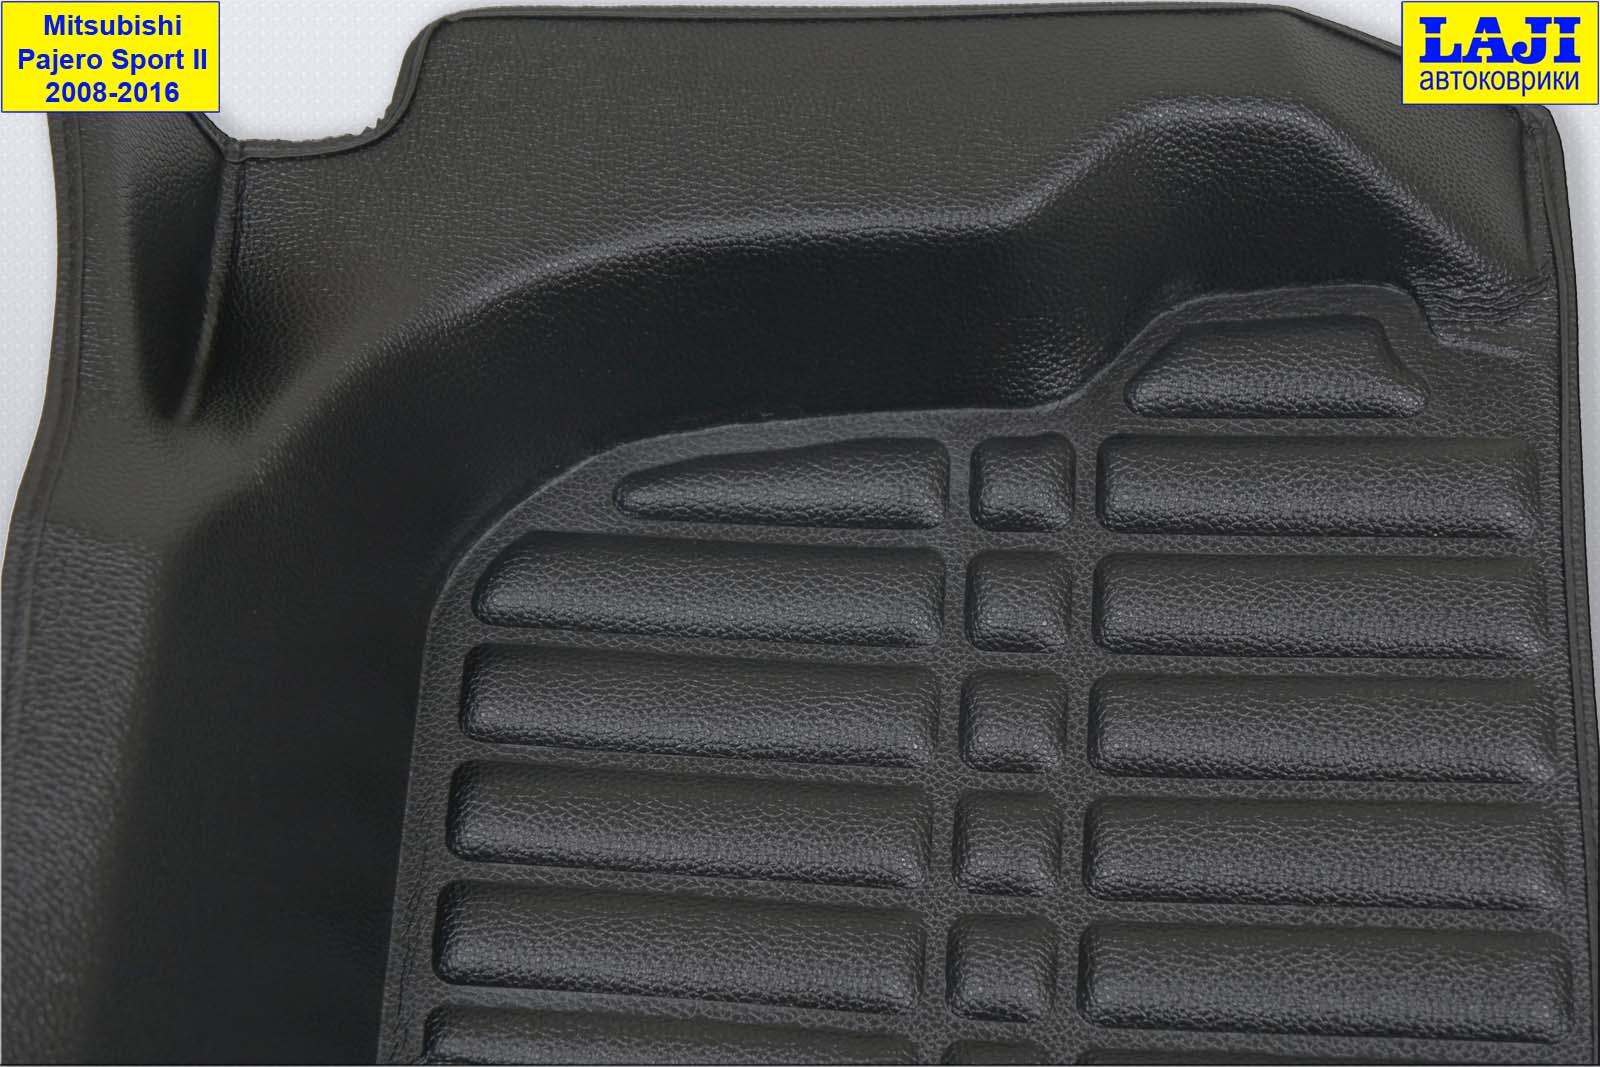 5D коврики в салон Mitsubishi Pajero Sport 2 2008-2016 8